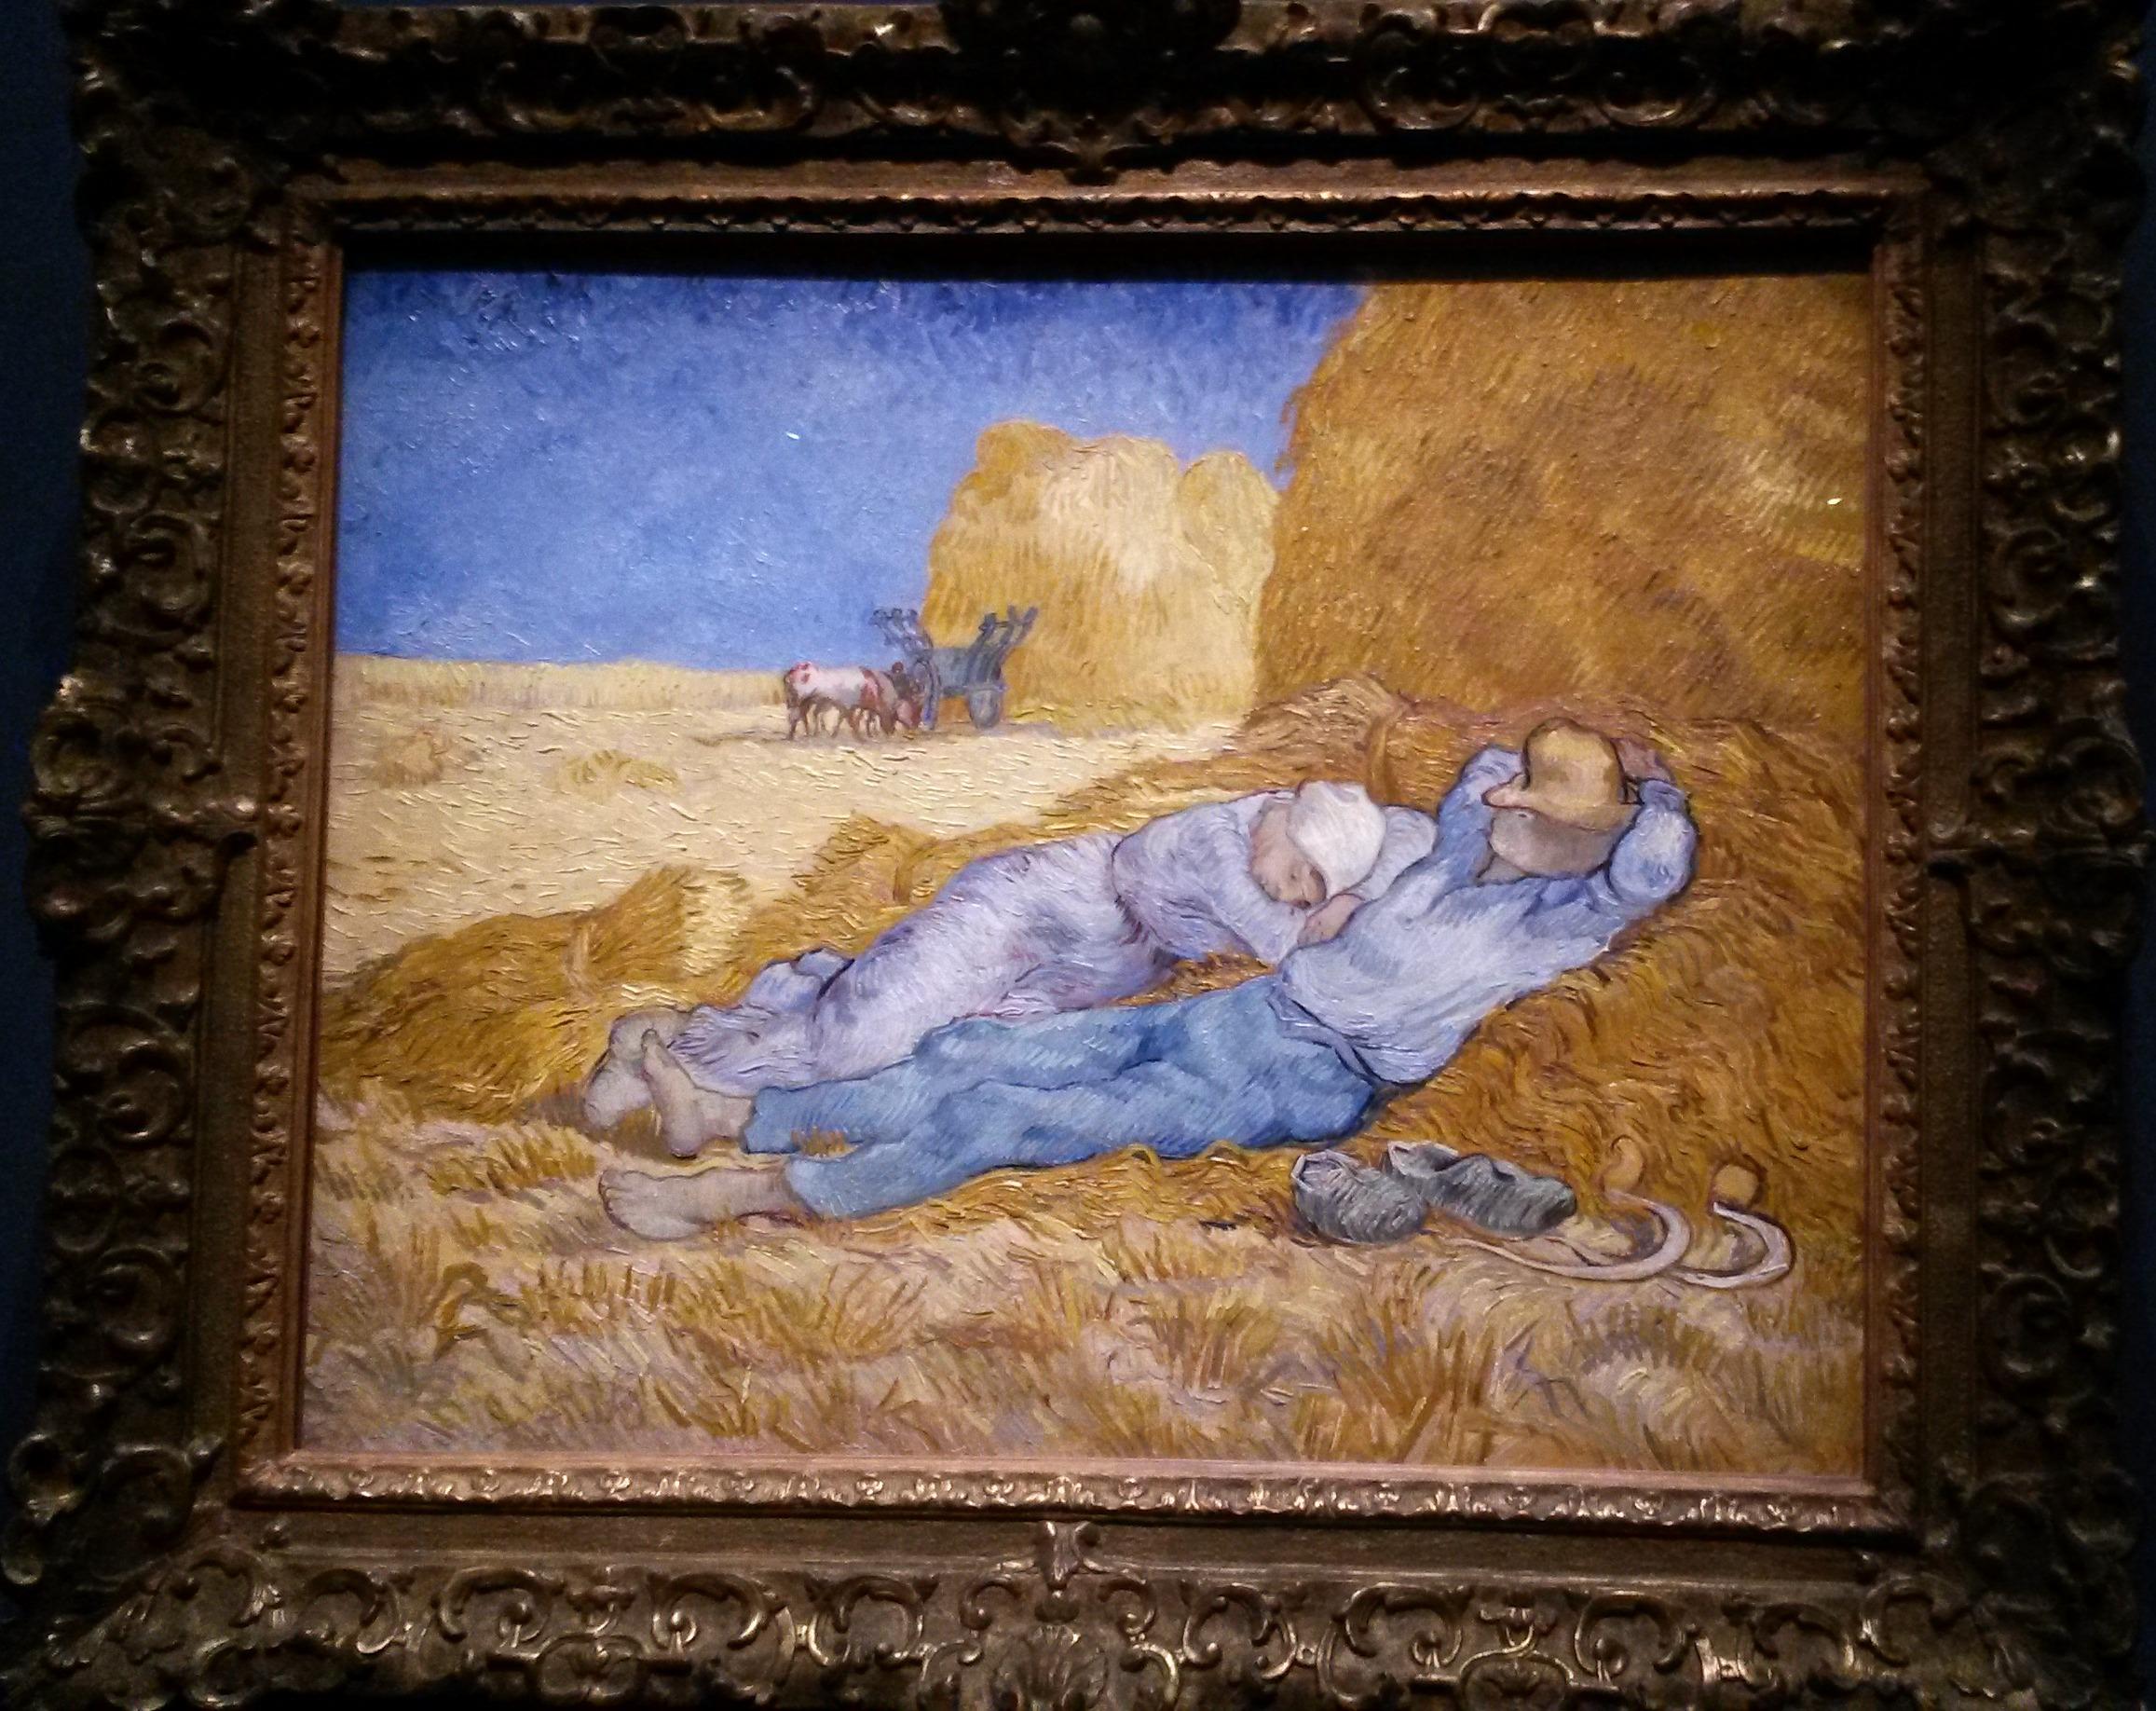 La meridiana o La siesta